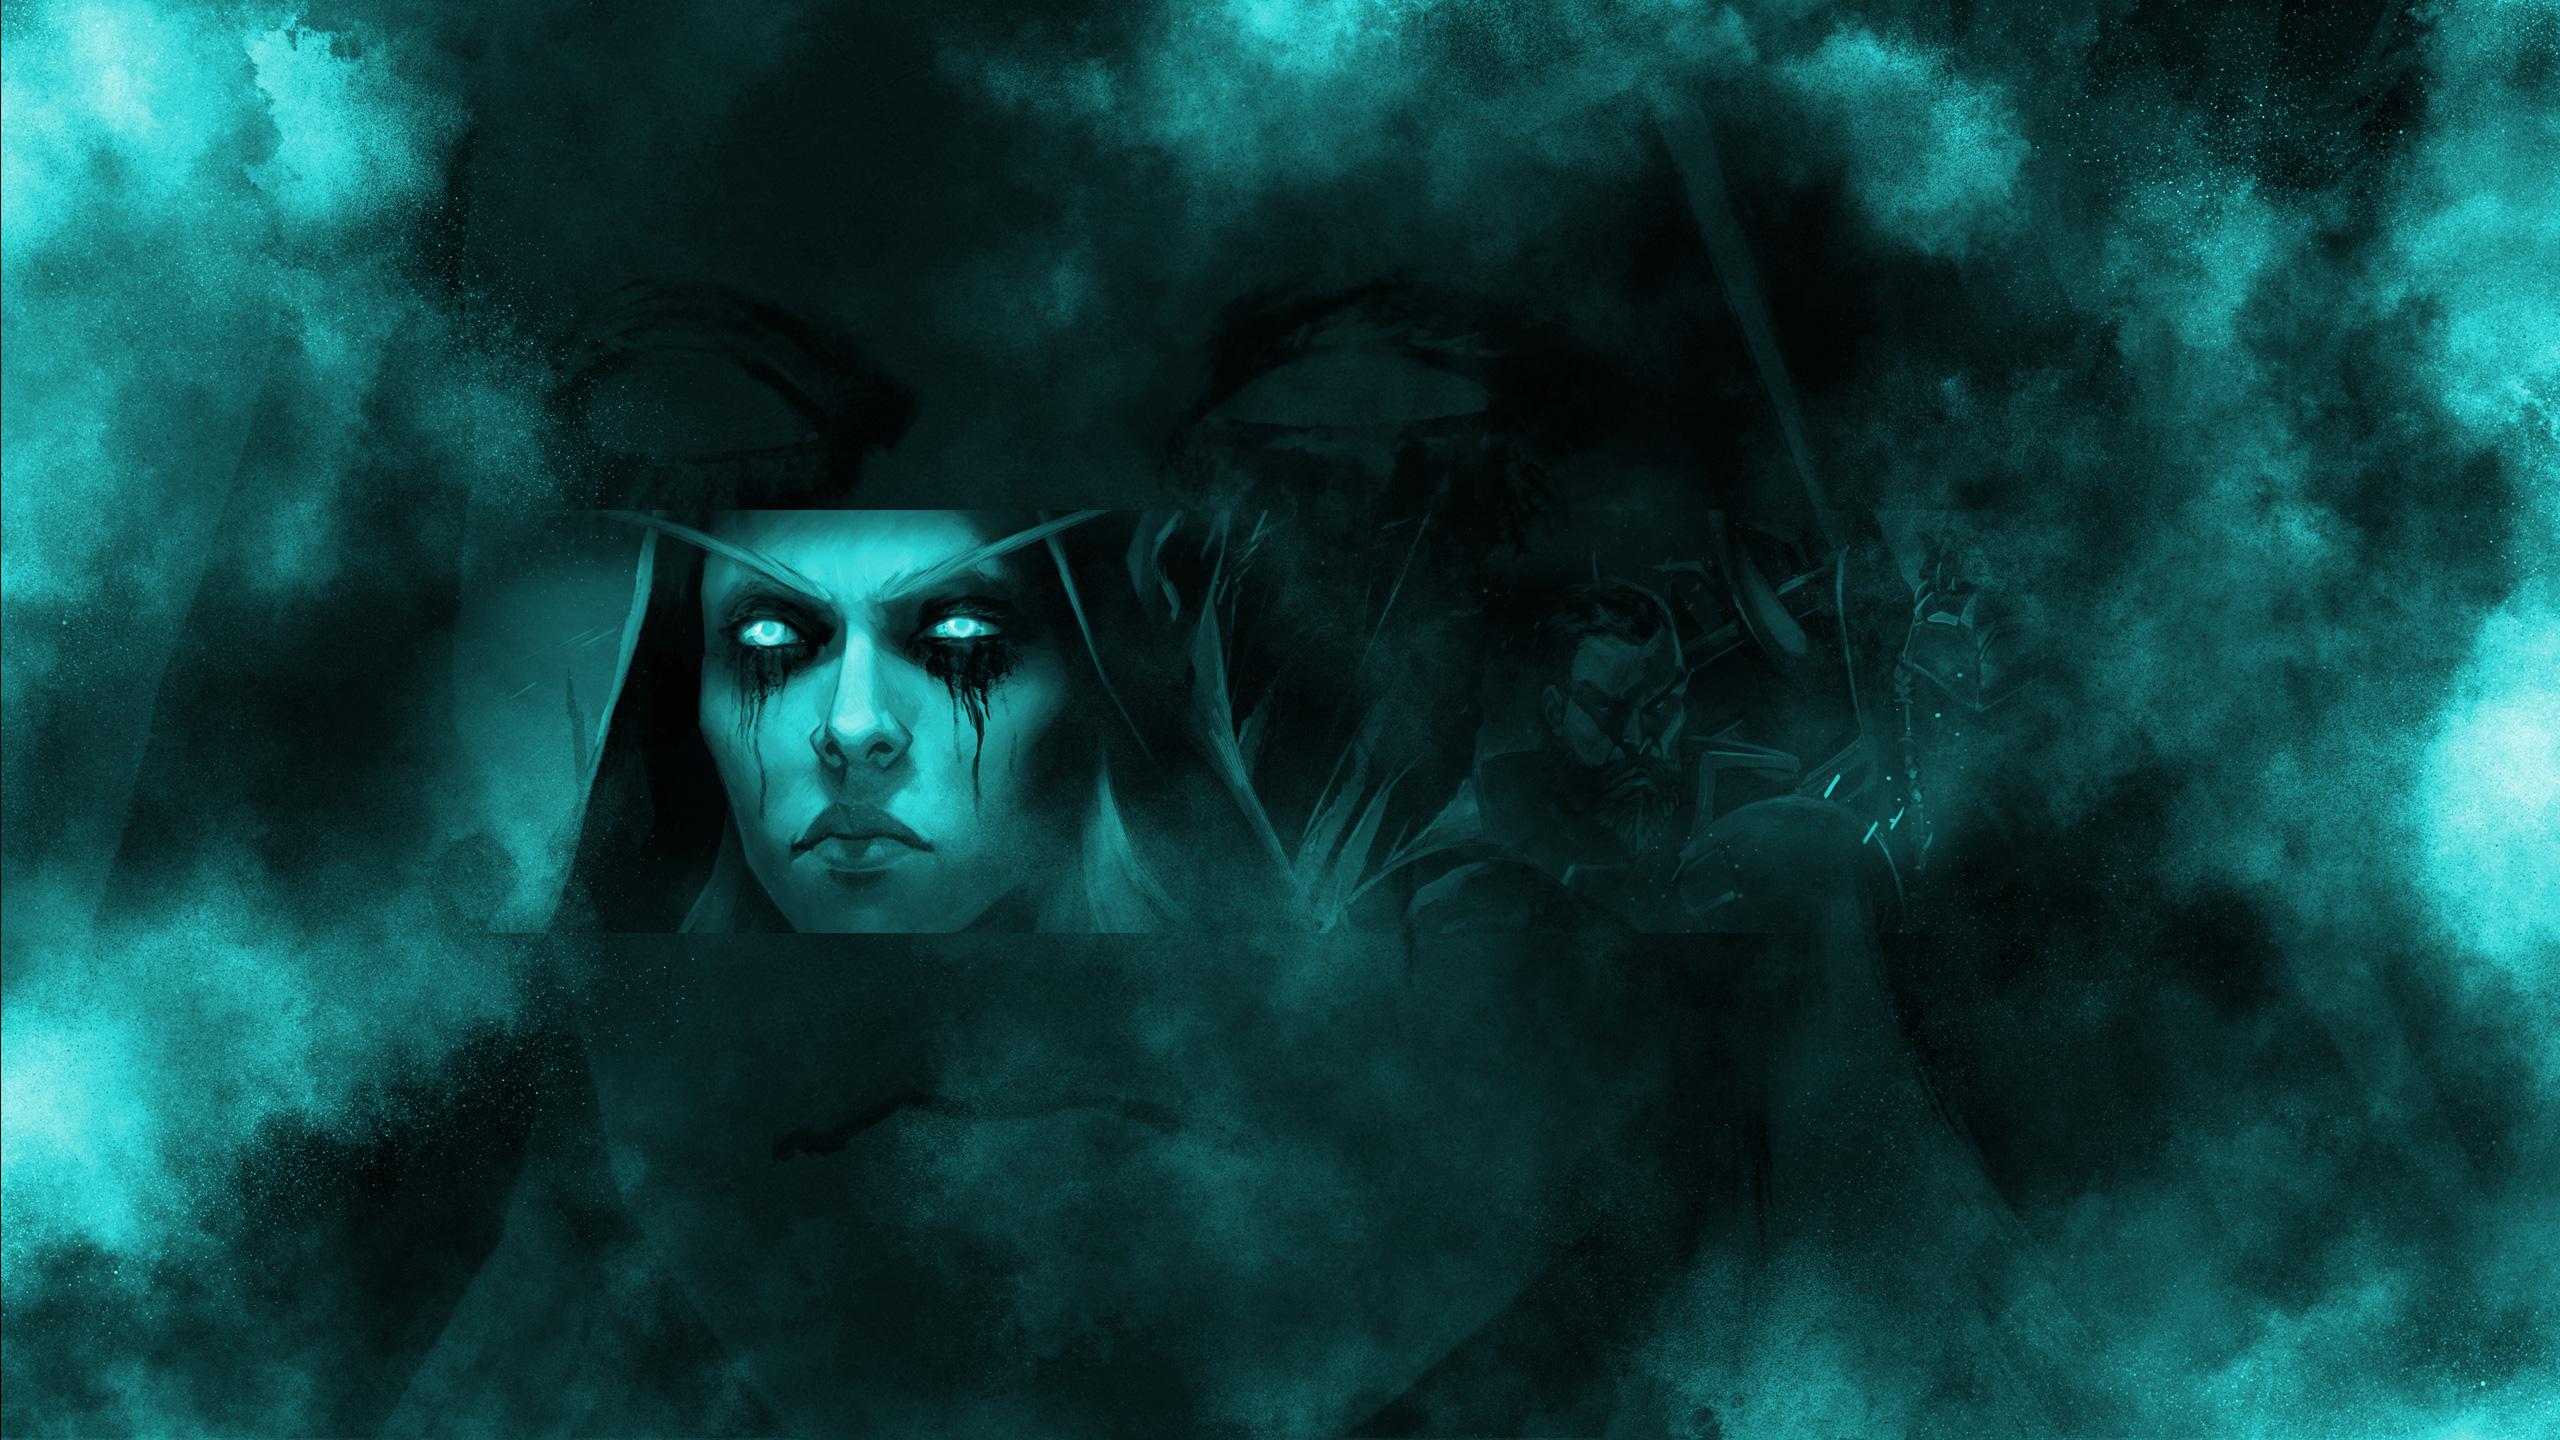 Бирюзовая картинка для фона ютуба с персонажем игры варкрафт.